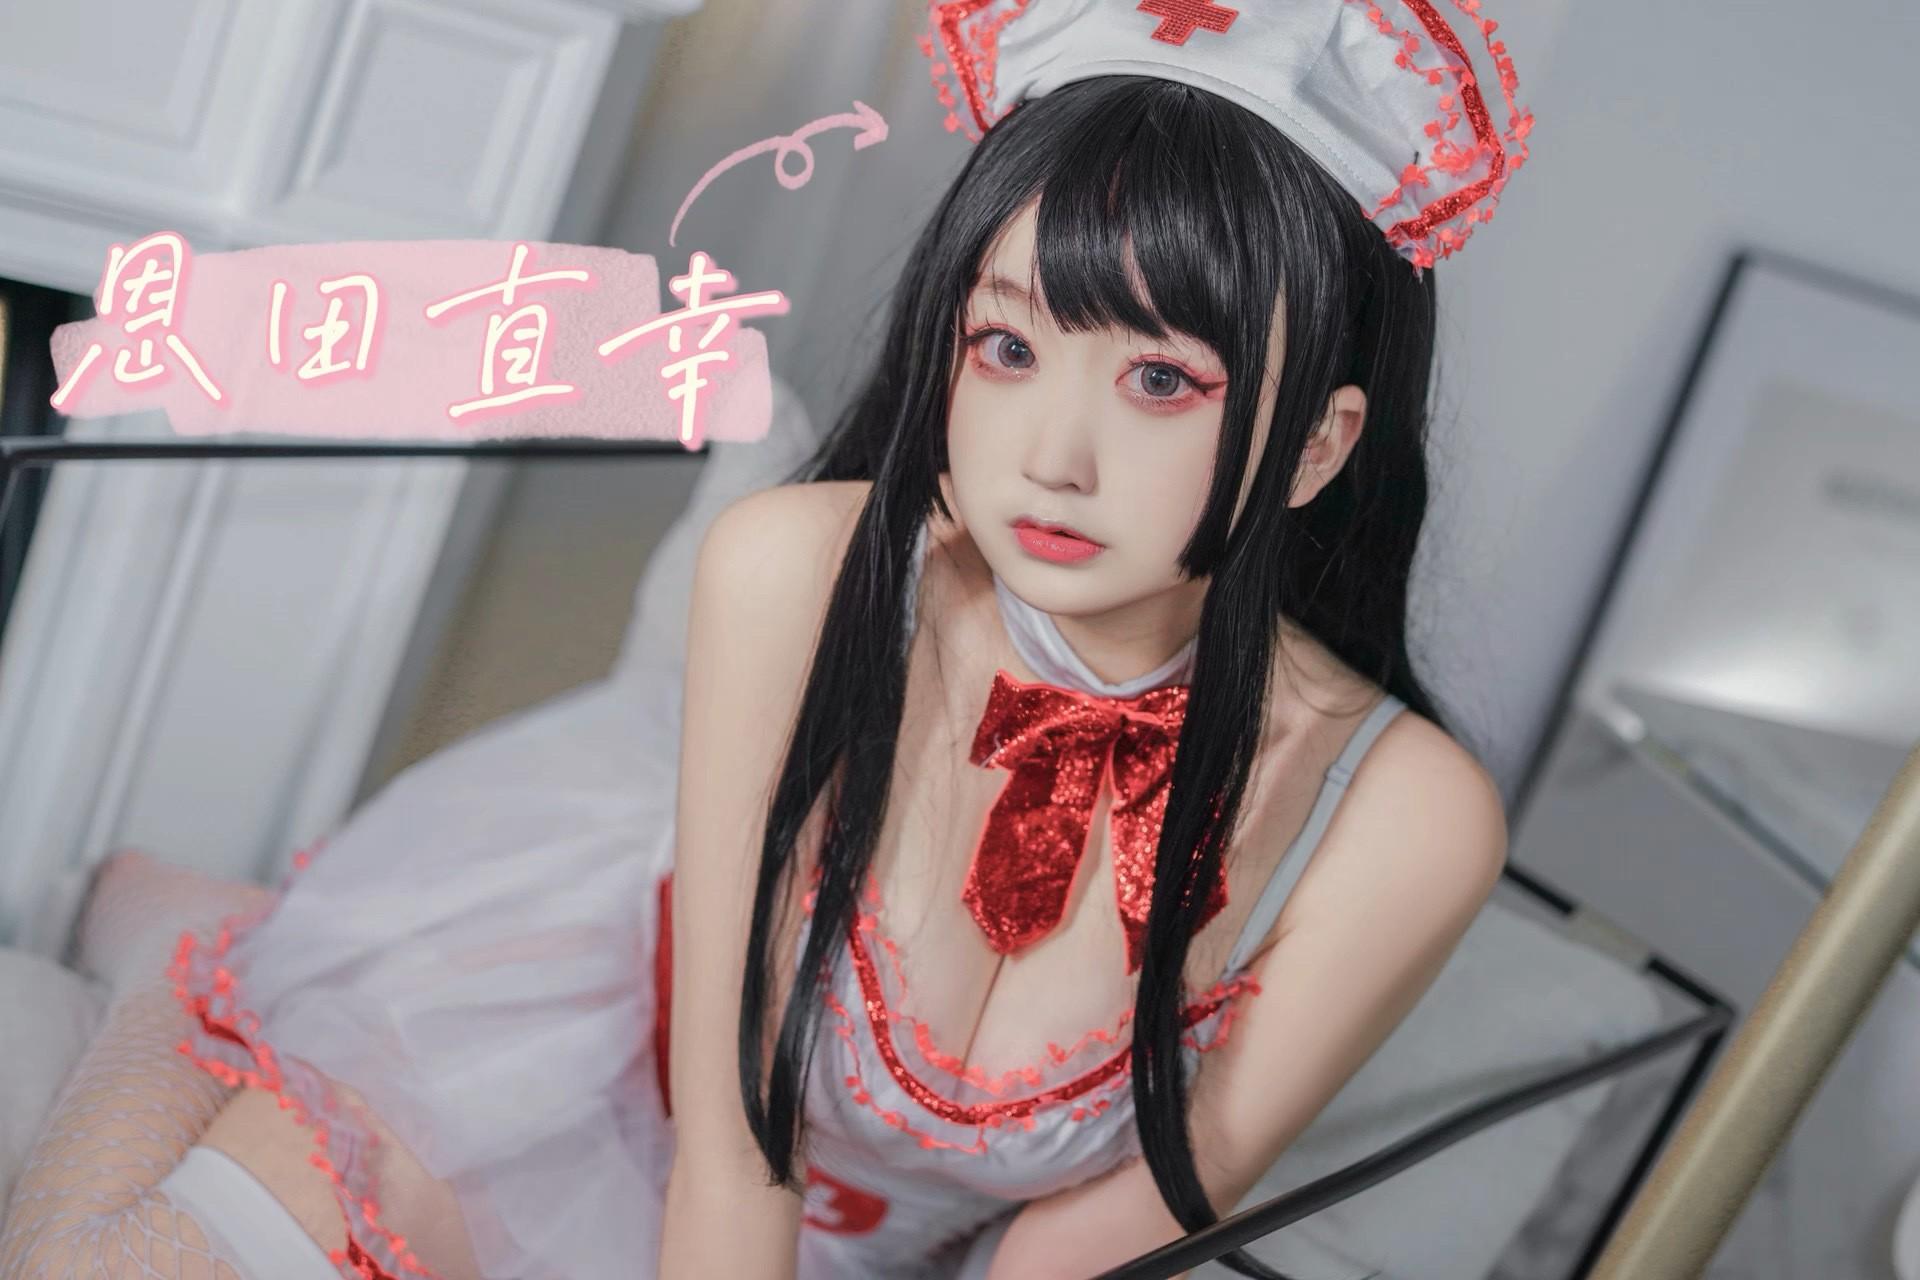 【恩田直幸】小护士 cosplay